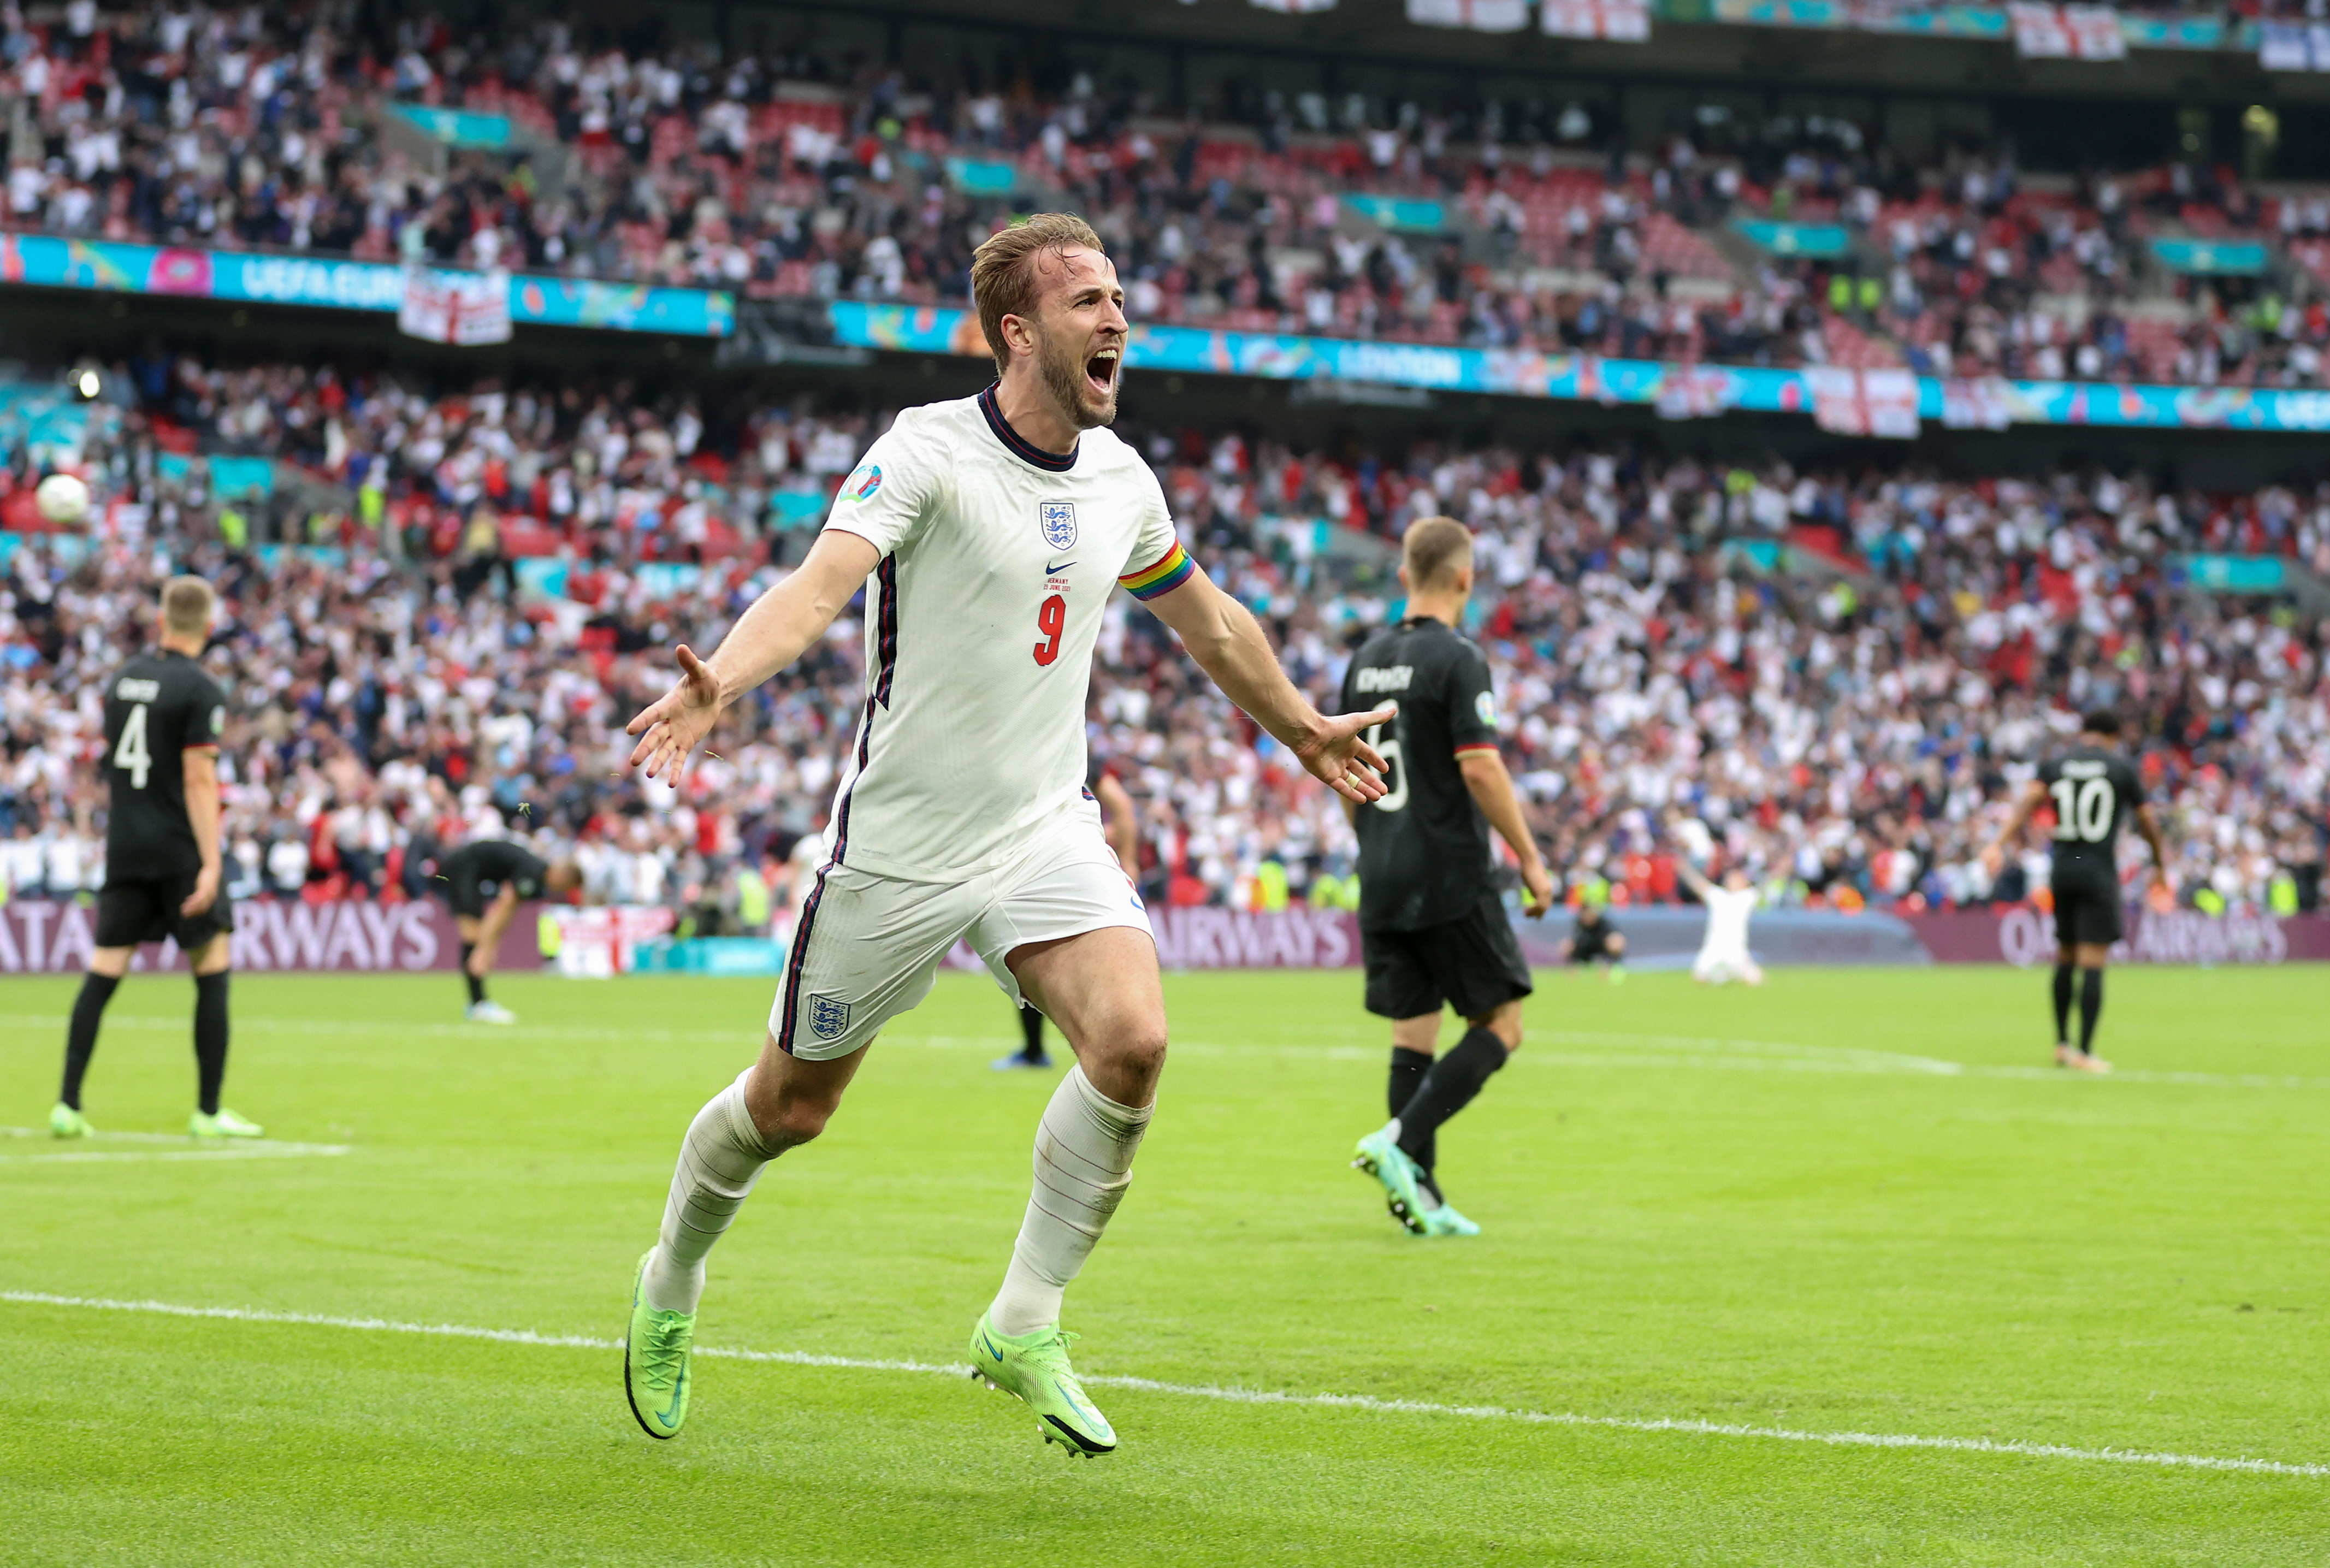 Harry Kane (Tottenham - Inghilterra) - Numeri da record in Premier League e la possibilità di prendersi una nazione sulle spalle a suon di gol